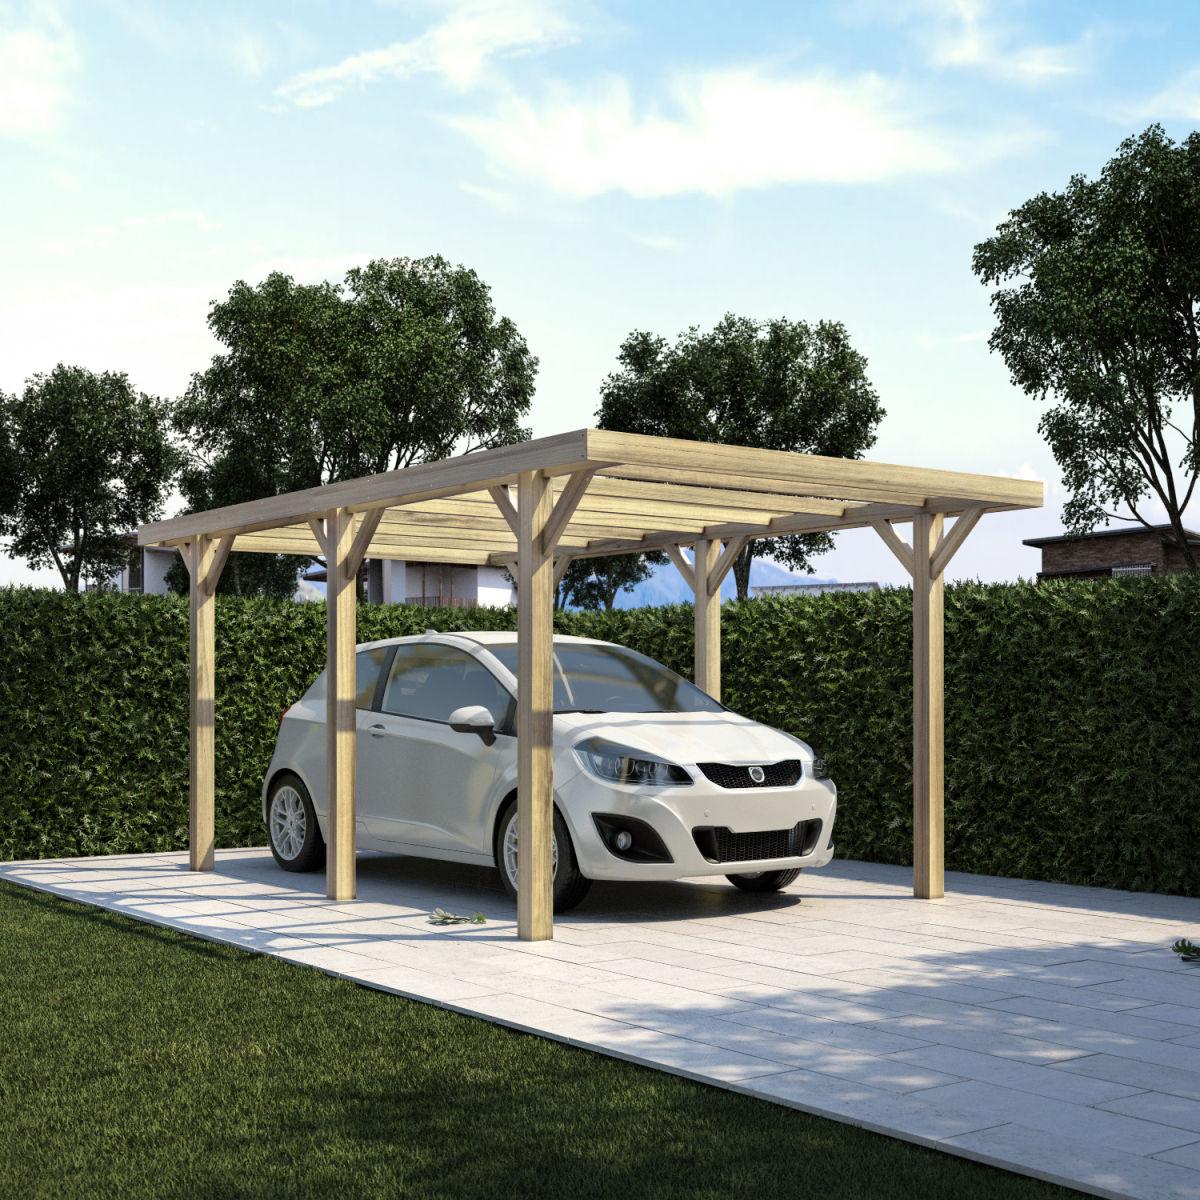 Good giardino e firenze x m with coperture mobili per auto for Coperture leroy merlin